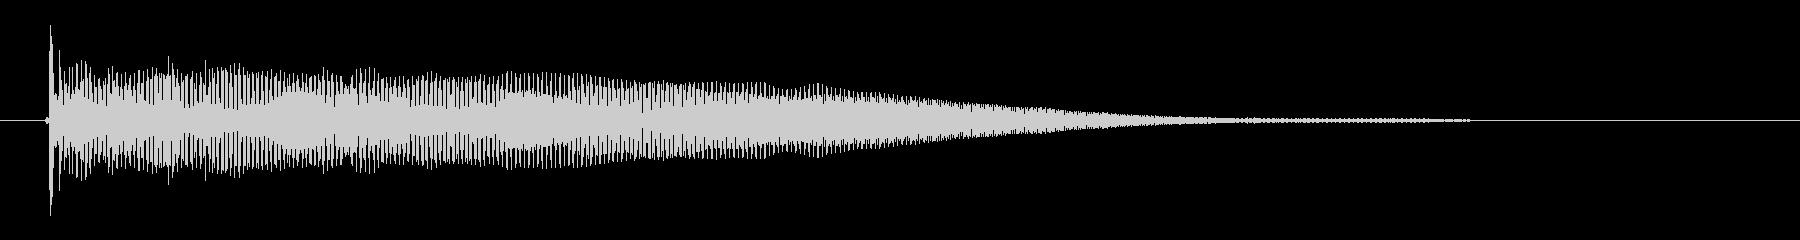 ドオーンという低音の未再生の波形